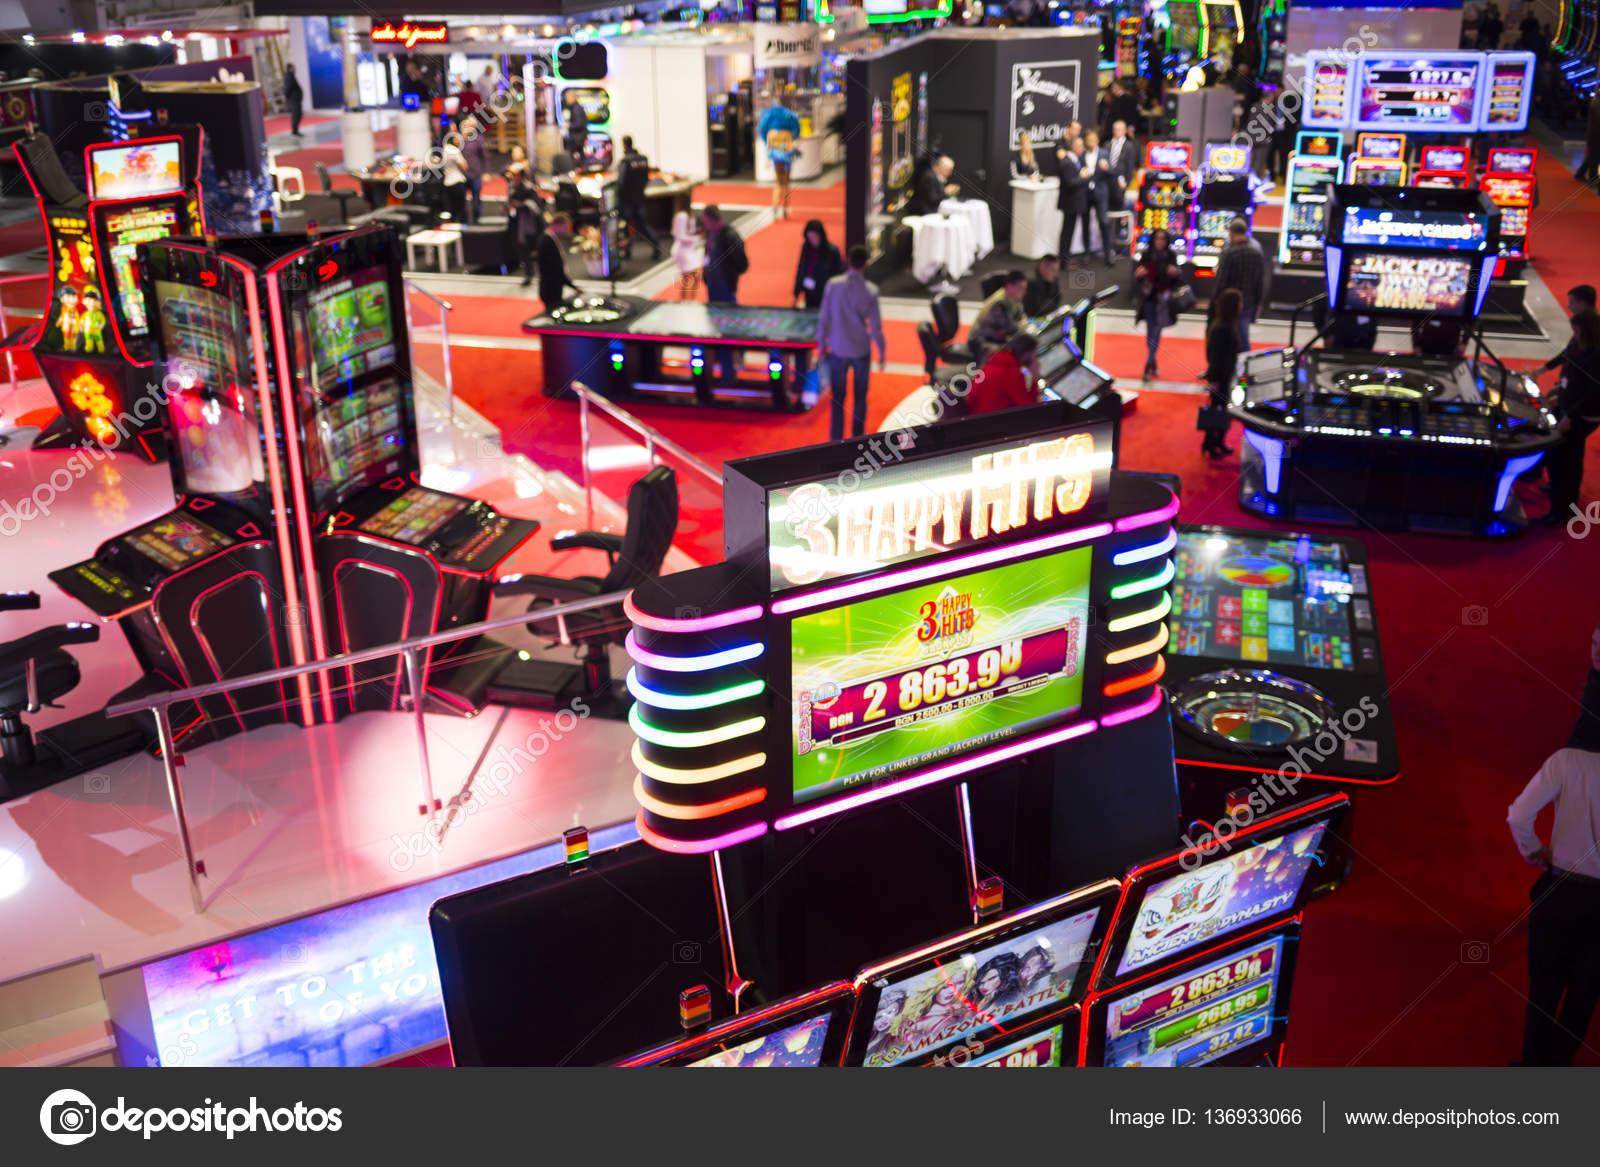 игровые автоматы дельфины играть онлайн бесплатно